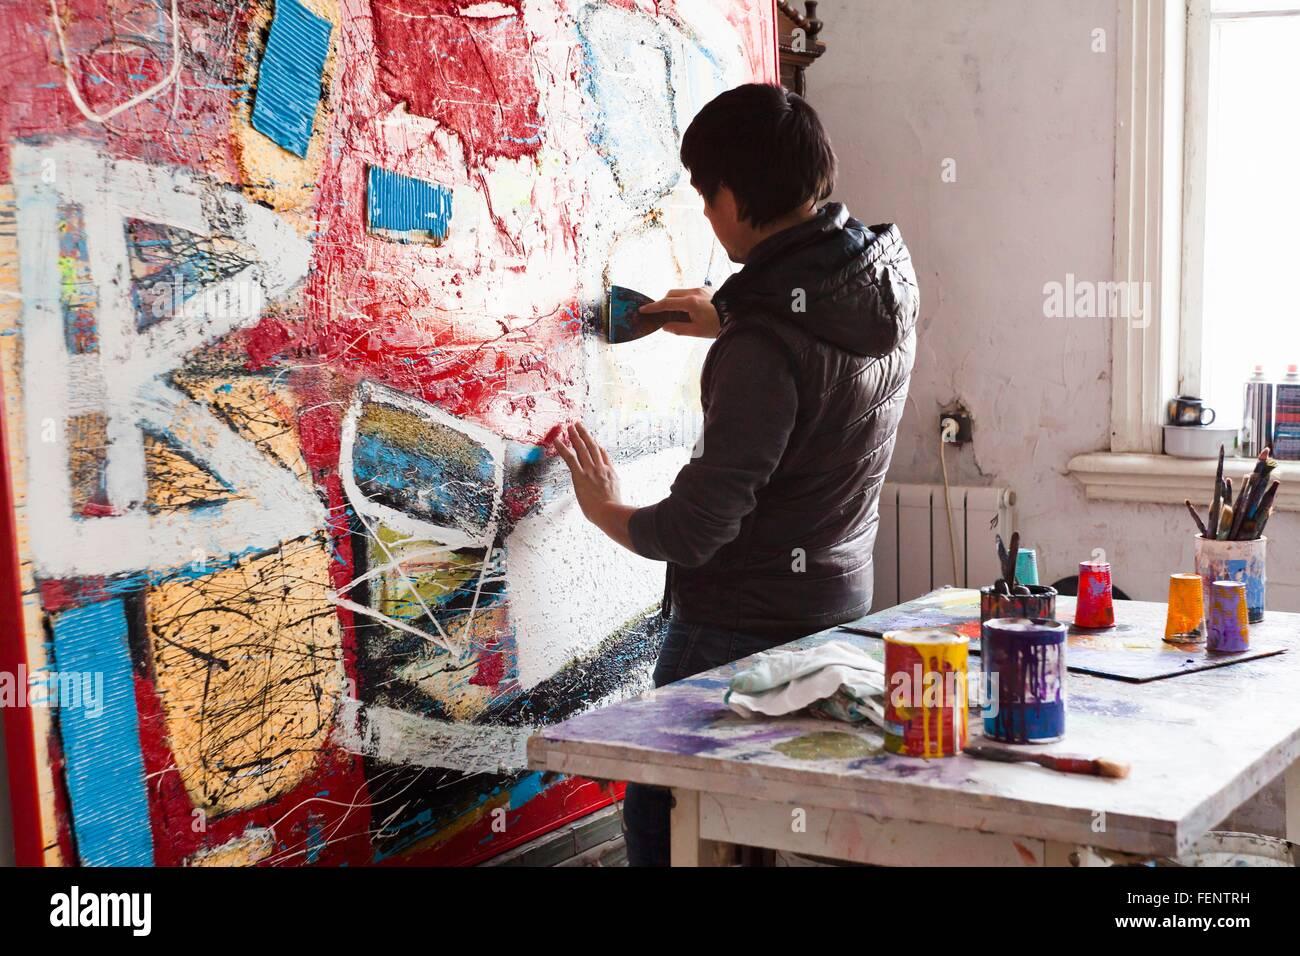 Artista Masculino crear ilustraciones pintadas Imagen De Stock